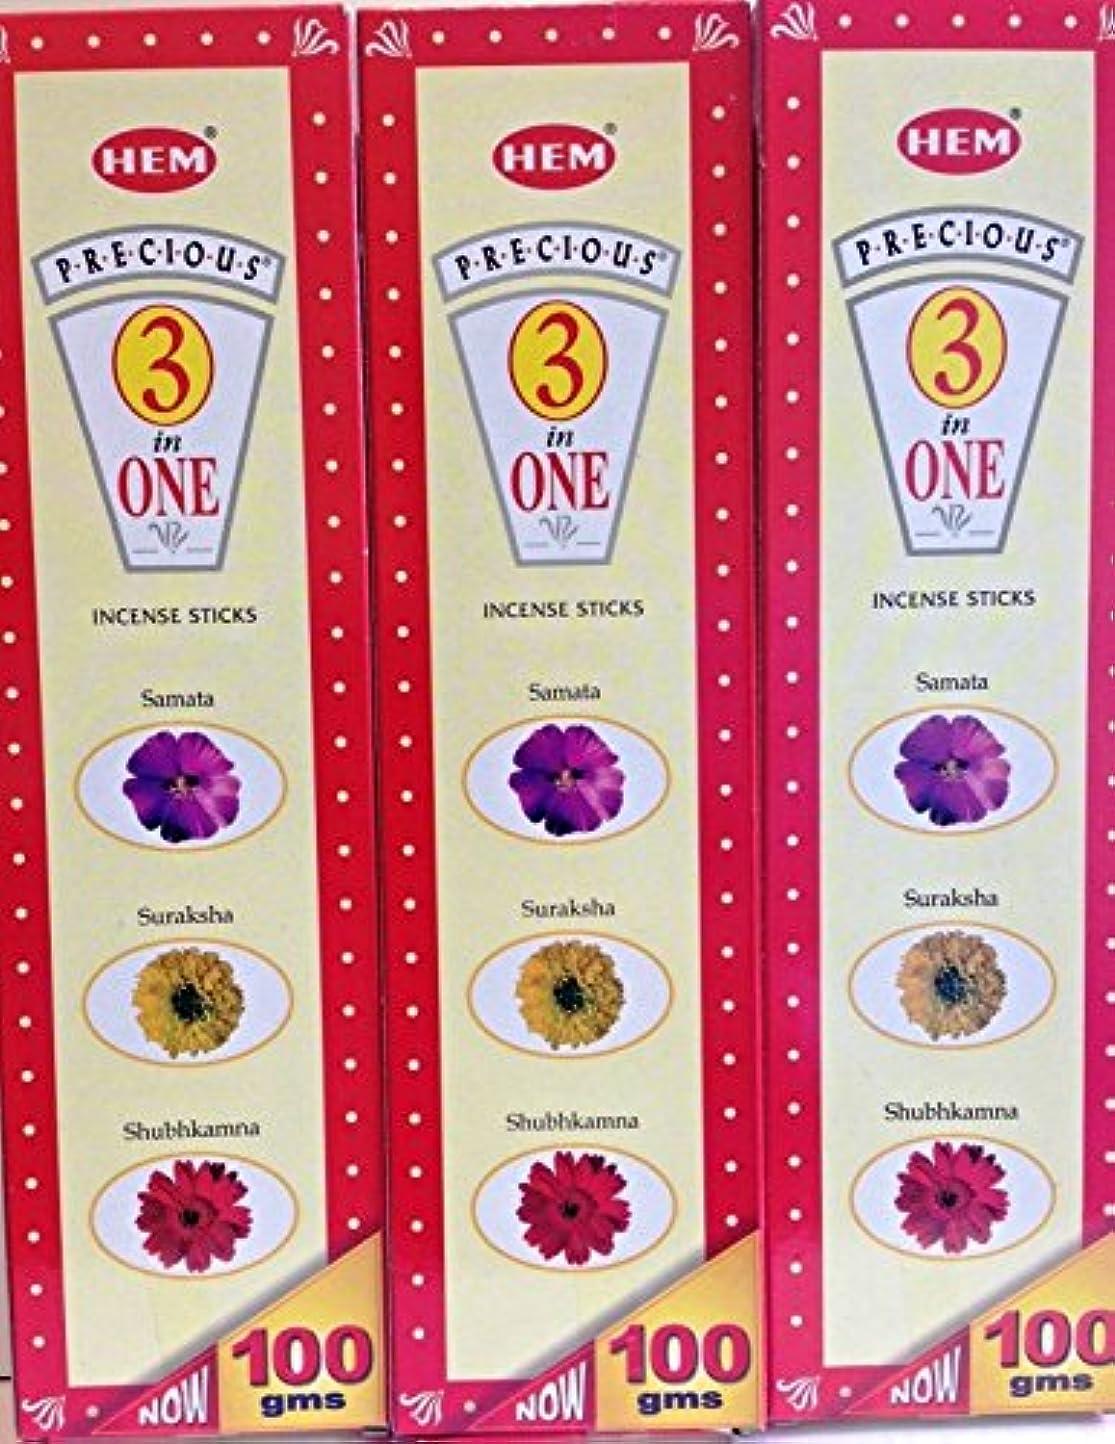 変位のれん積分Hem Precious 3 in 1 Incense Sticks 100 g x 3パック( 75 sticks per pack x 3 )